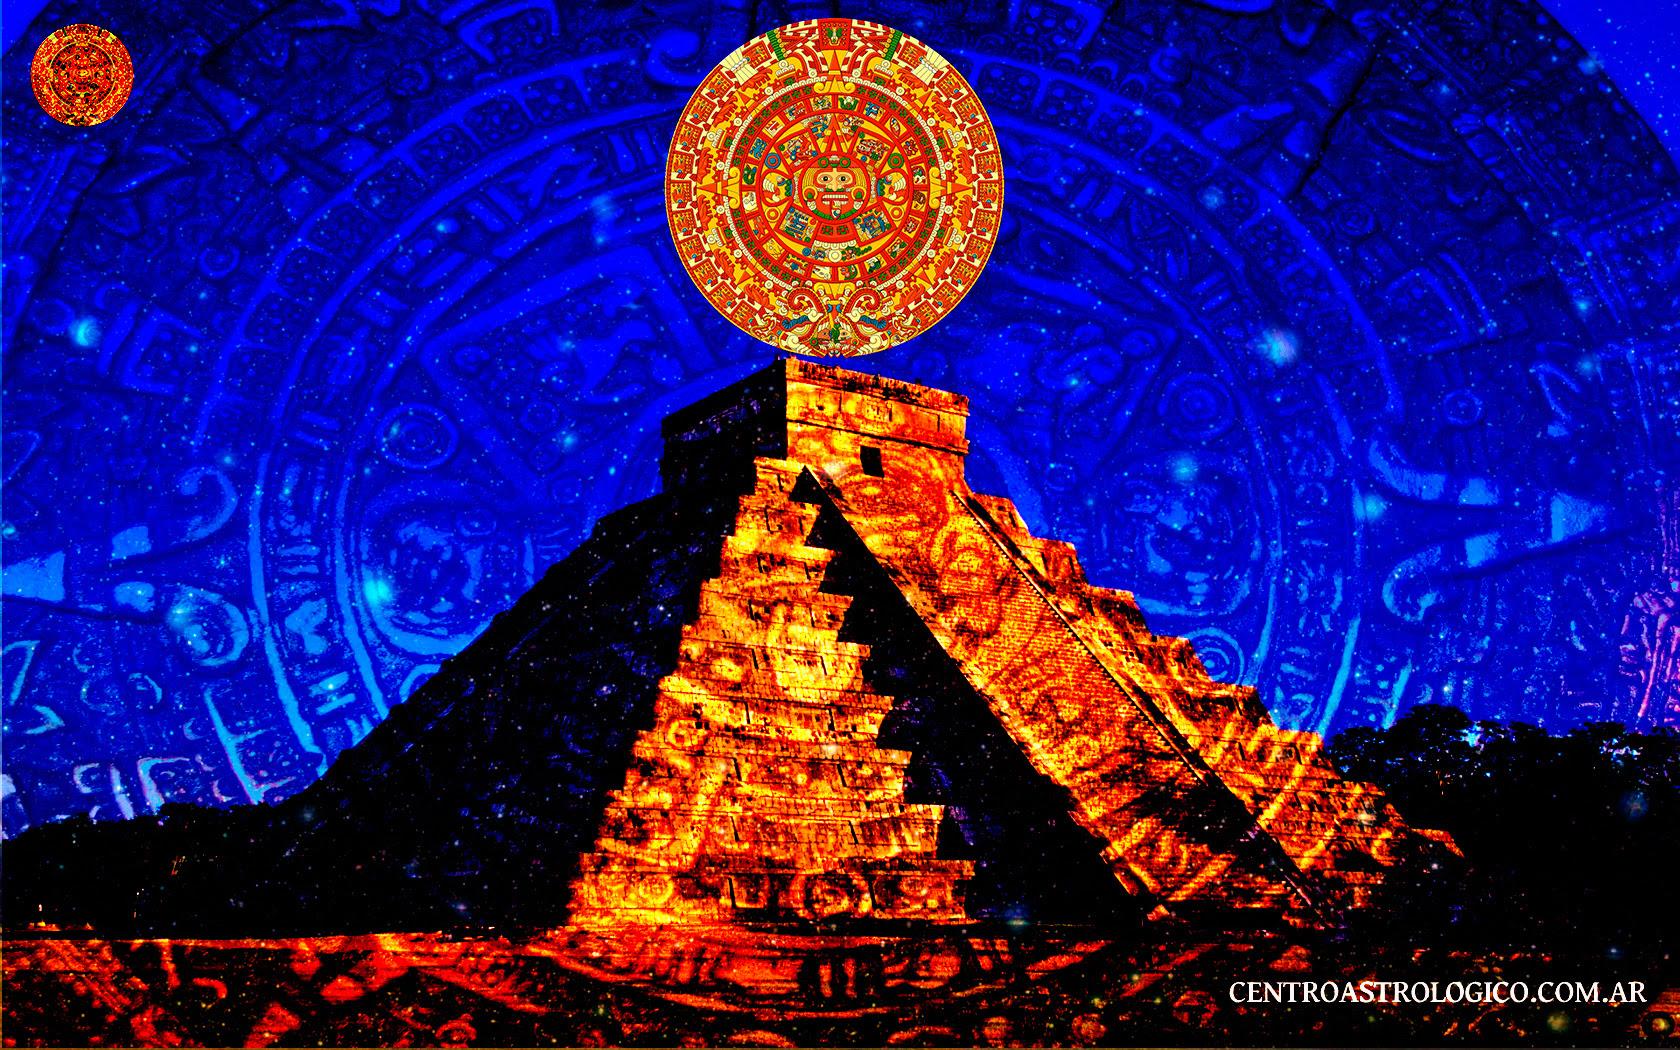 Qué Significado Tienen Los Símbolos Del Calendario Azteca Blog